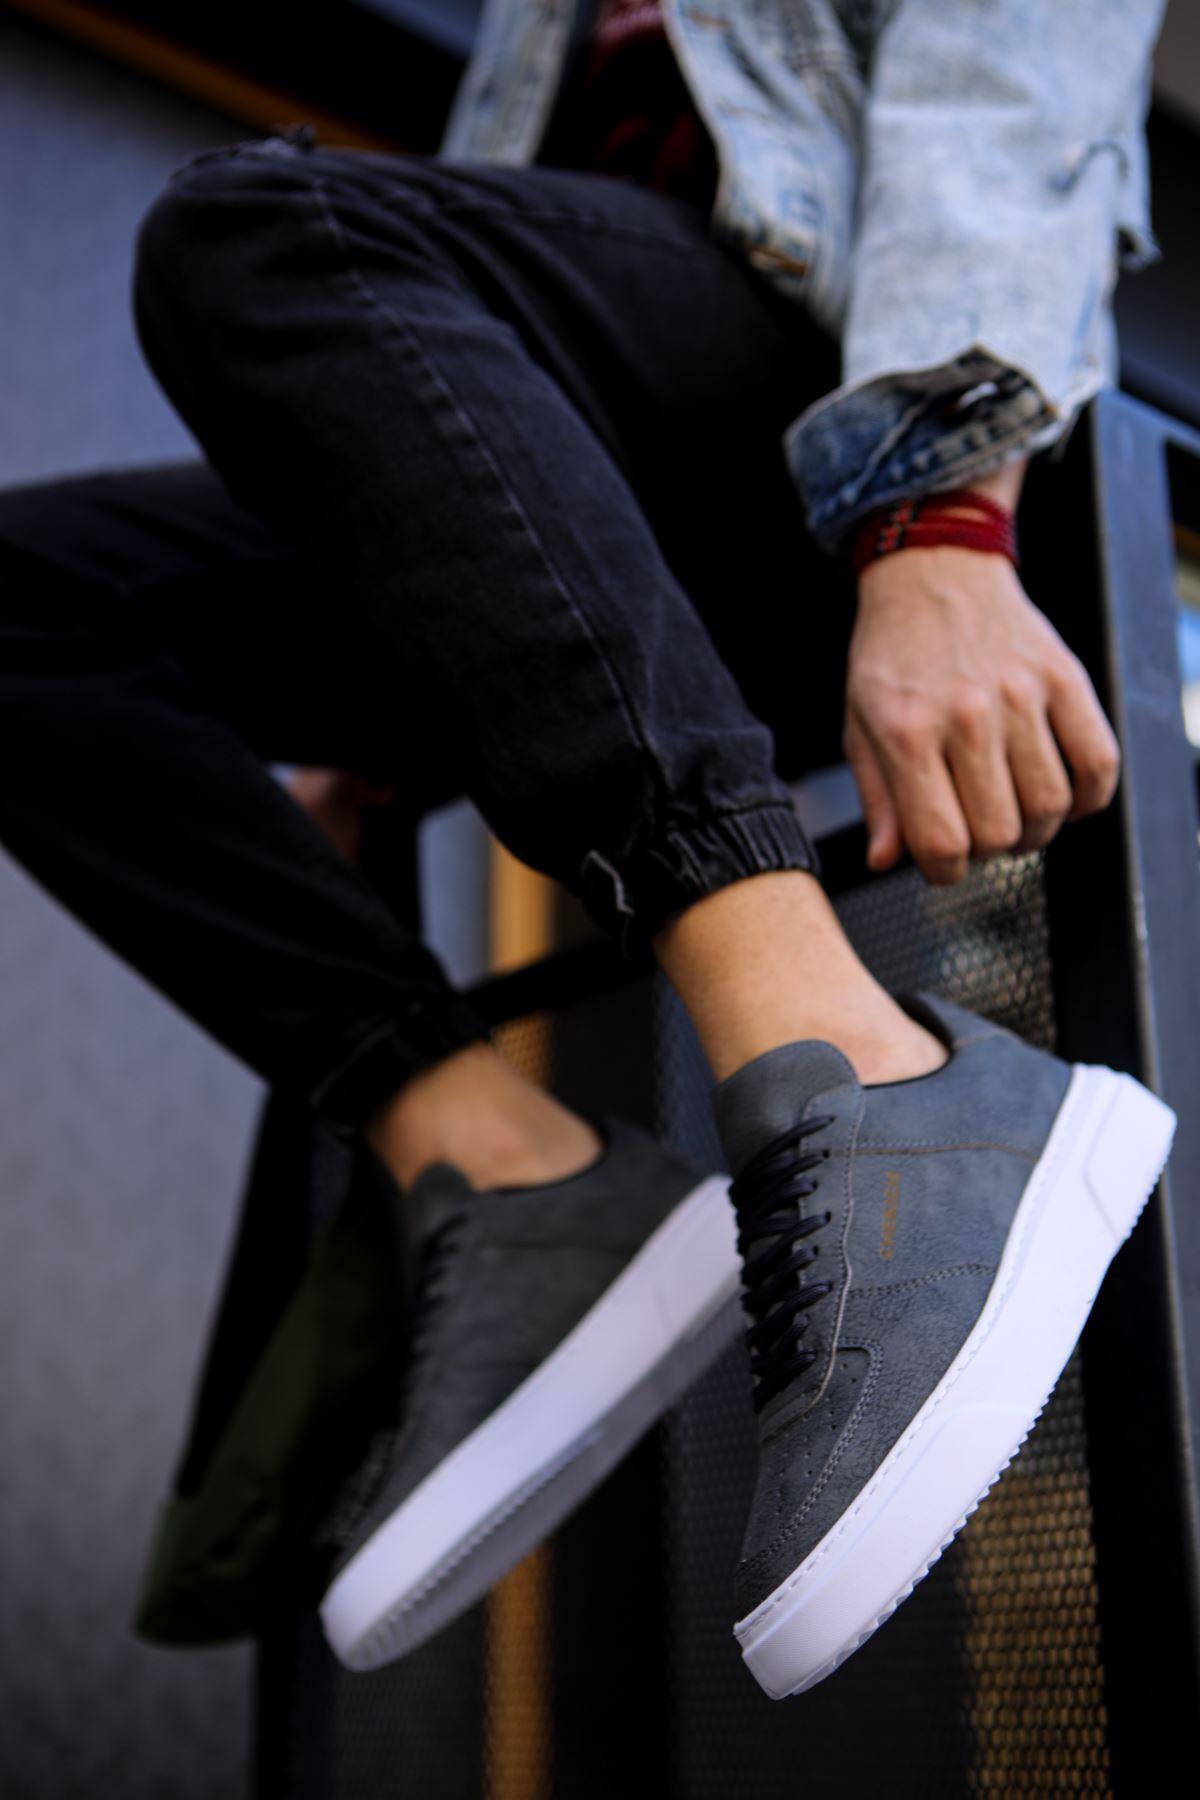 Chekich CH087 BT Erkek Ayakkabı ANTRASIT / ANTRASIT